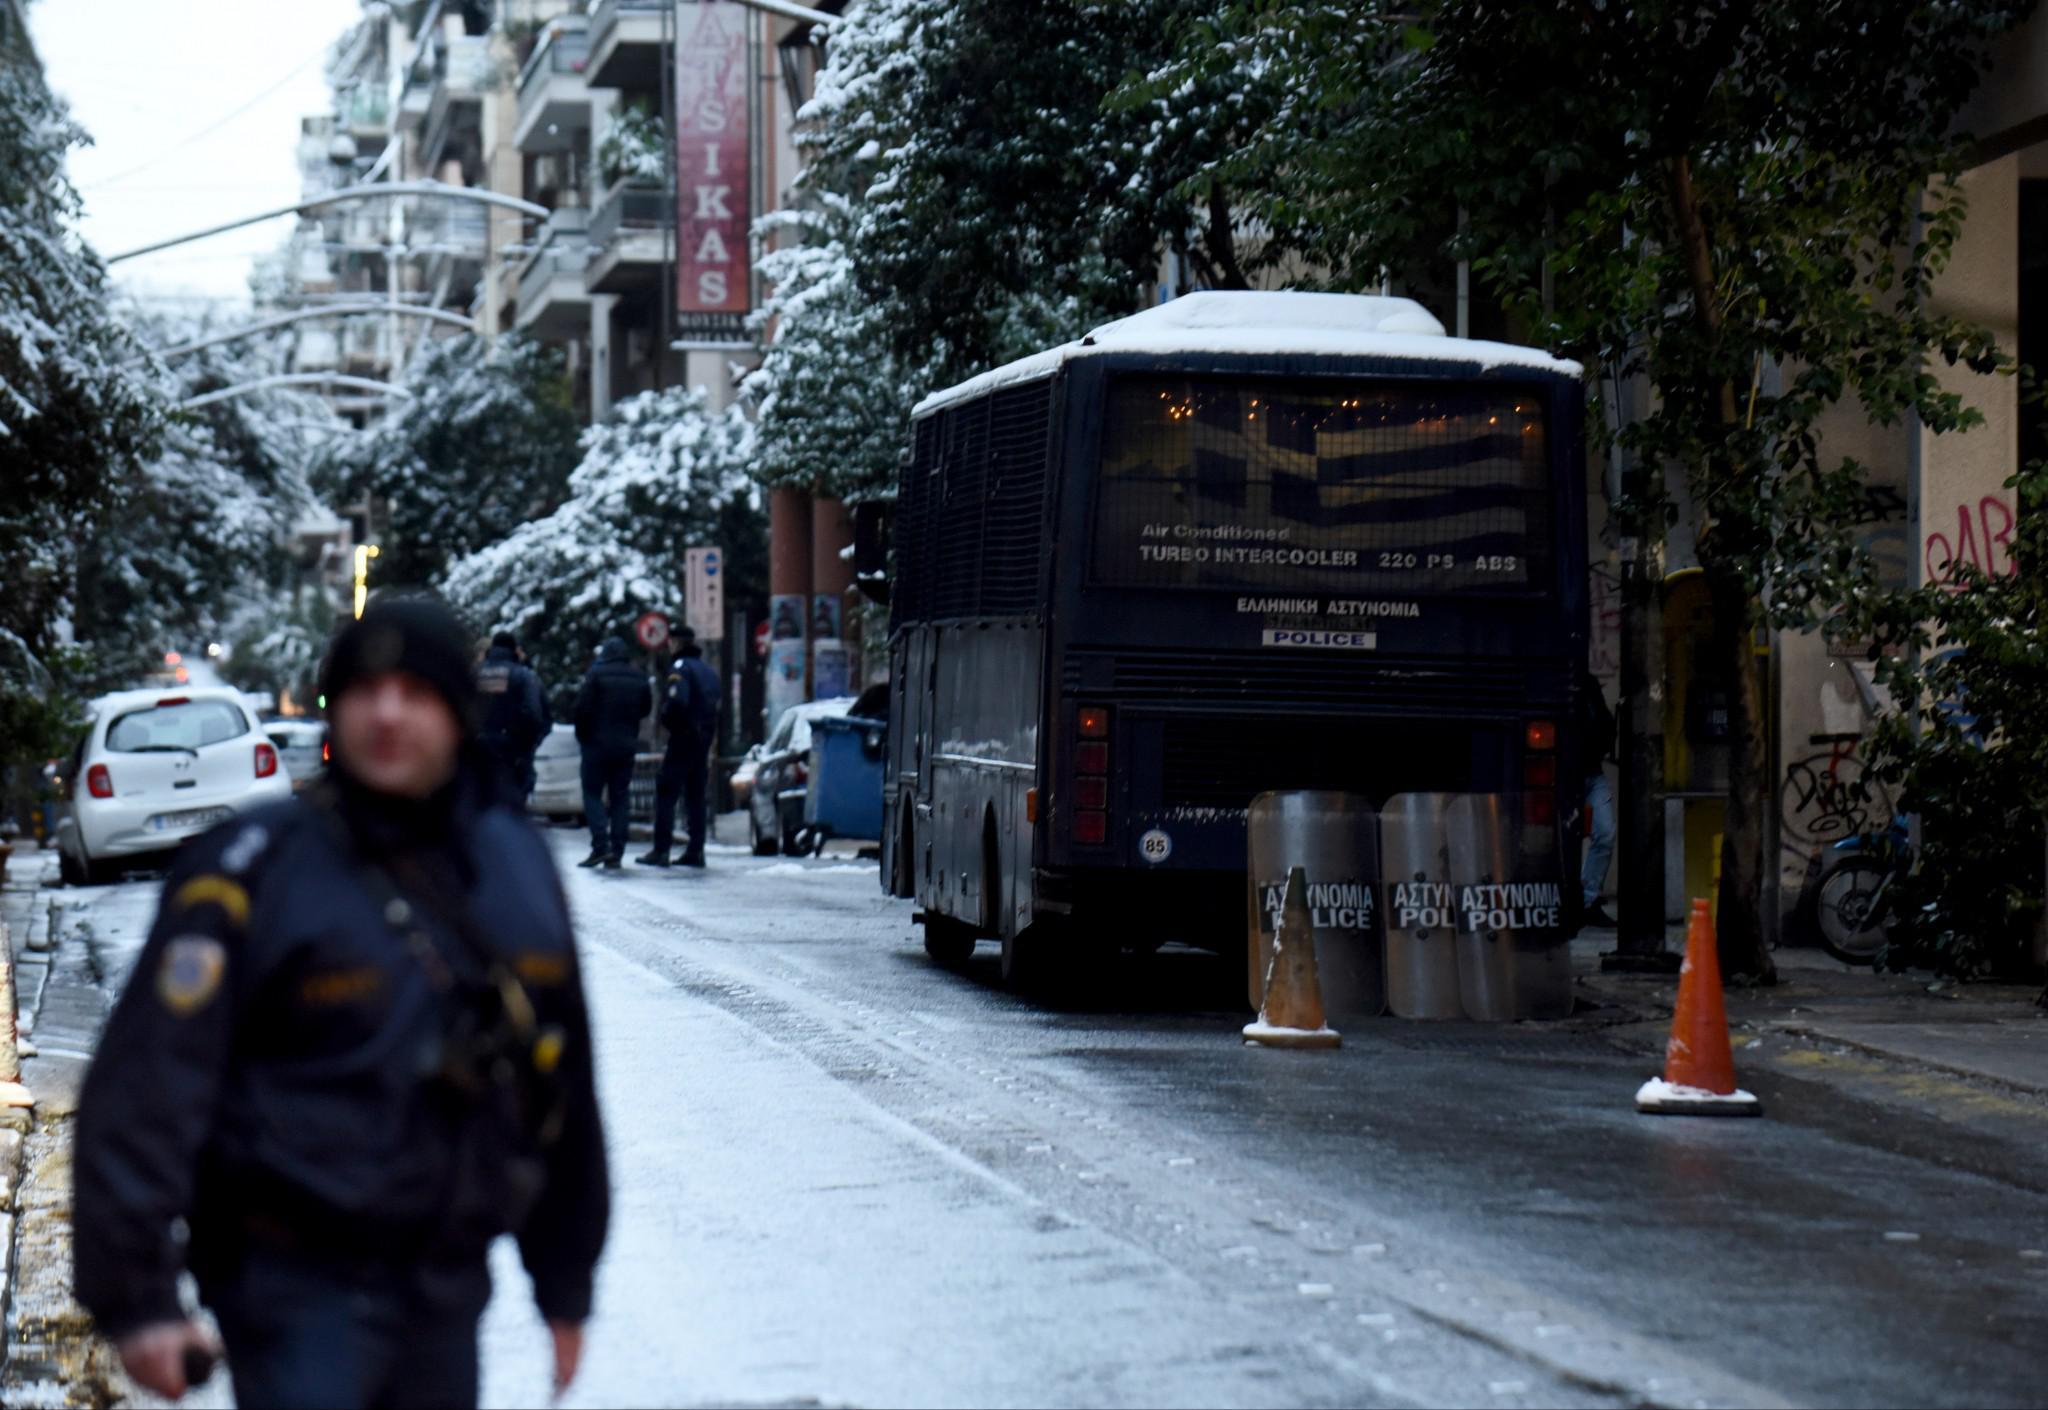 purovolismoi-grafeia-pasok-mat-traumatias-1 Τρομοκρατική επίθεση με τραυματία αστυνομικό των ΜΑΤ στα γραφεία του ΠΑΣΟΚ